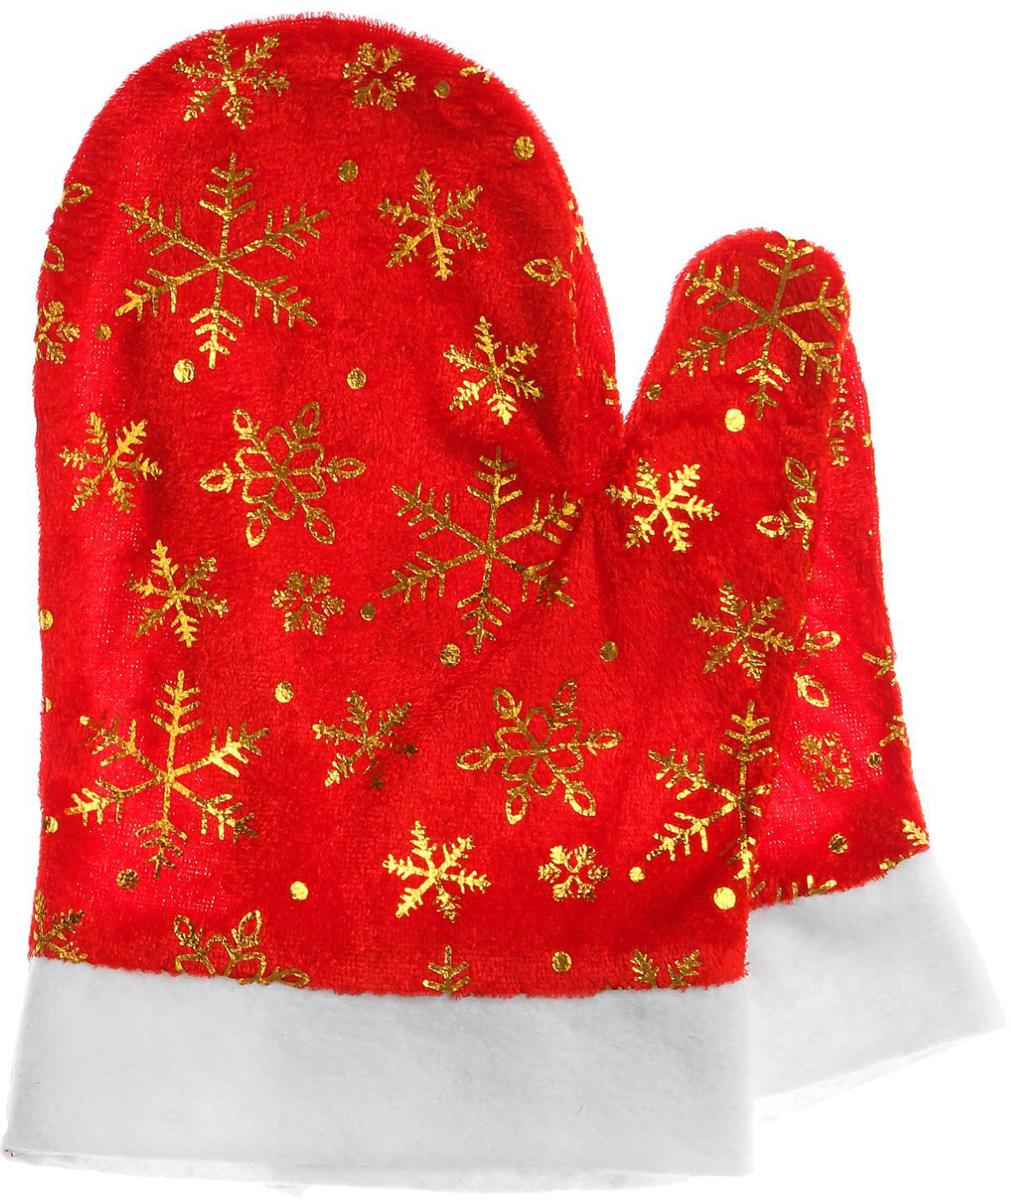 """Варежки Деда Мороза """"Sima-land"""", цвет красный, со снежинками. Размер универсальный"""